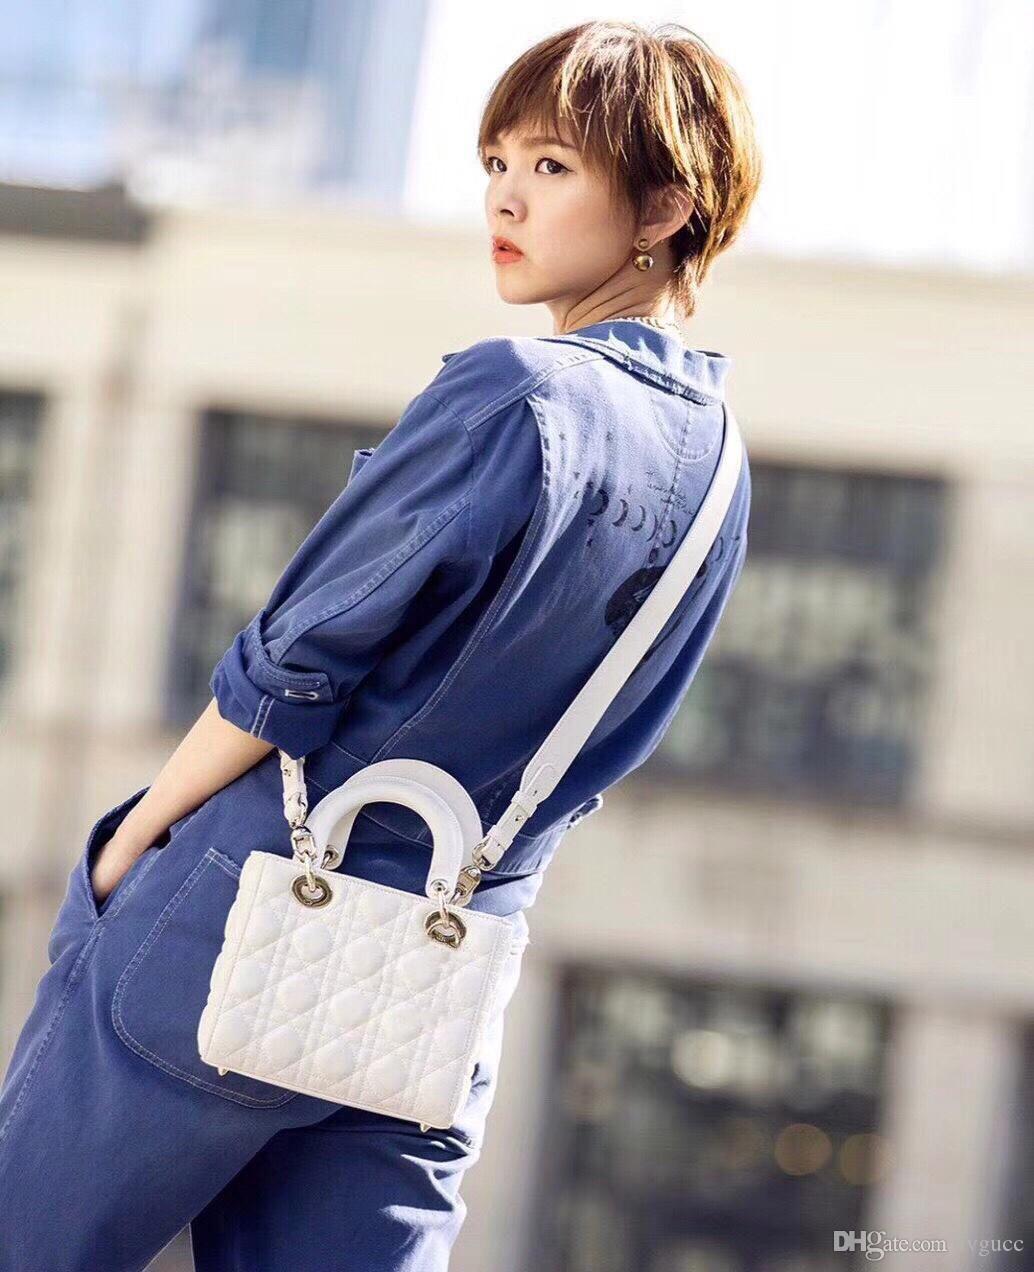 2020 стильный классический леди сумки на ремне из натуральной кожи решетки сумки значок ремень crossbody сумки бренд fasion повседневные сумки size20cm